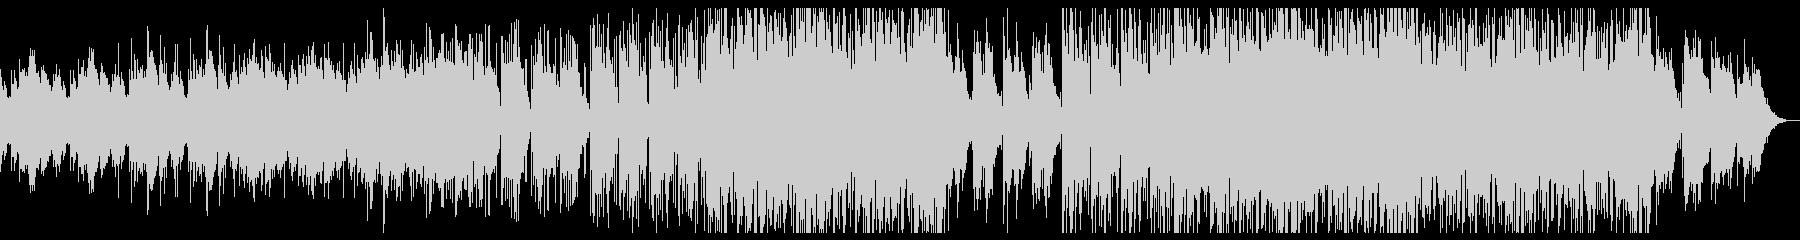 アジアンテイストのレトロテクノBGMの未再生の波形